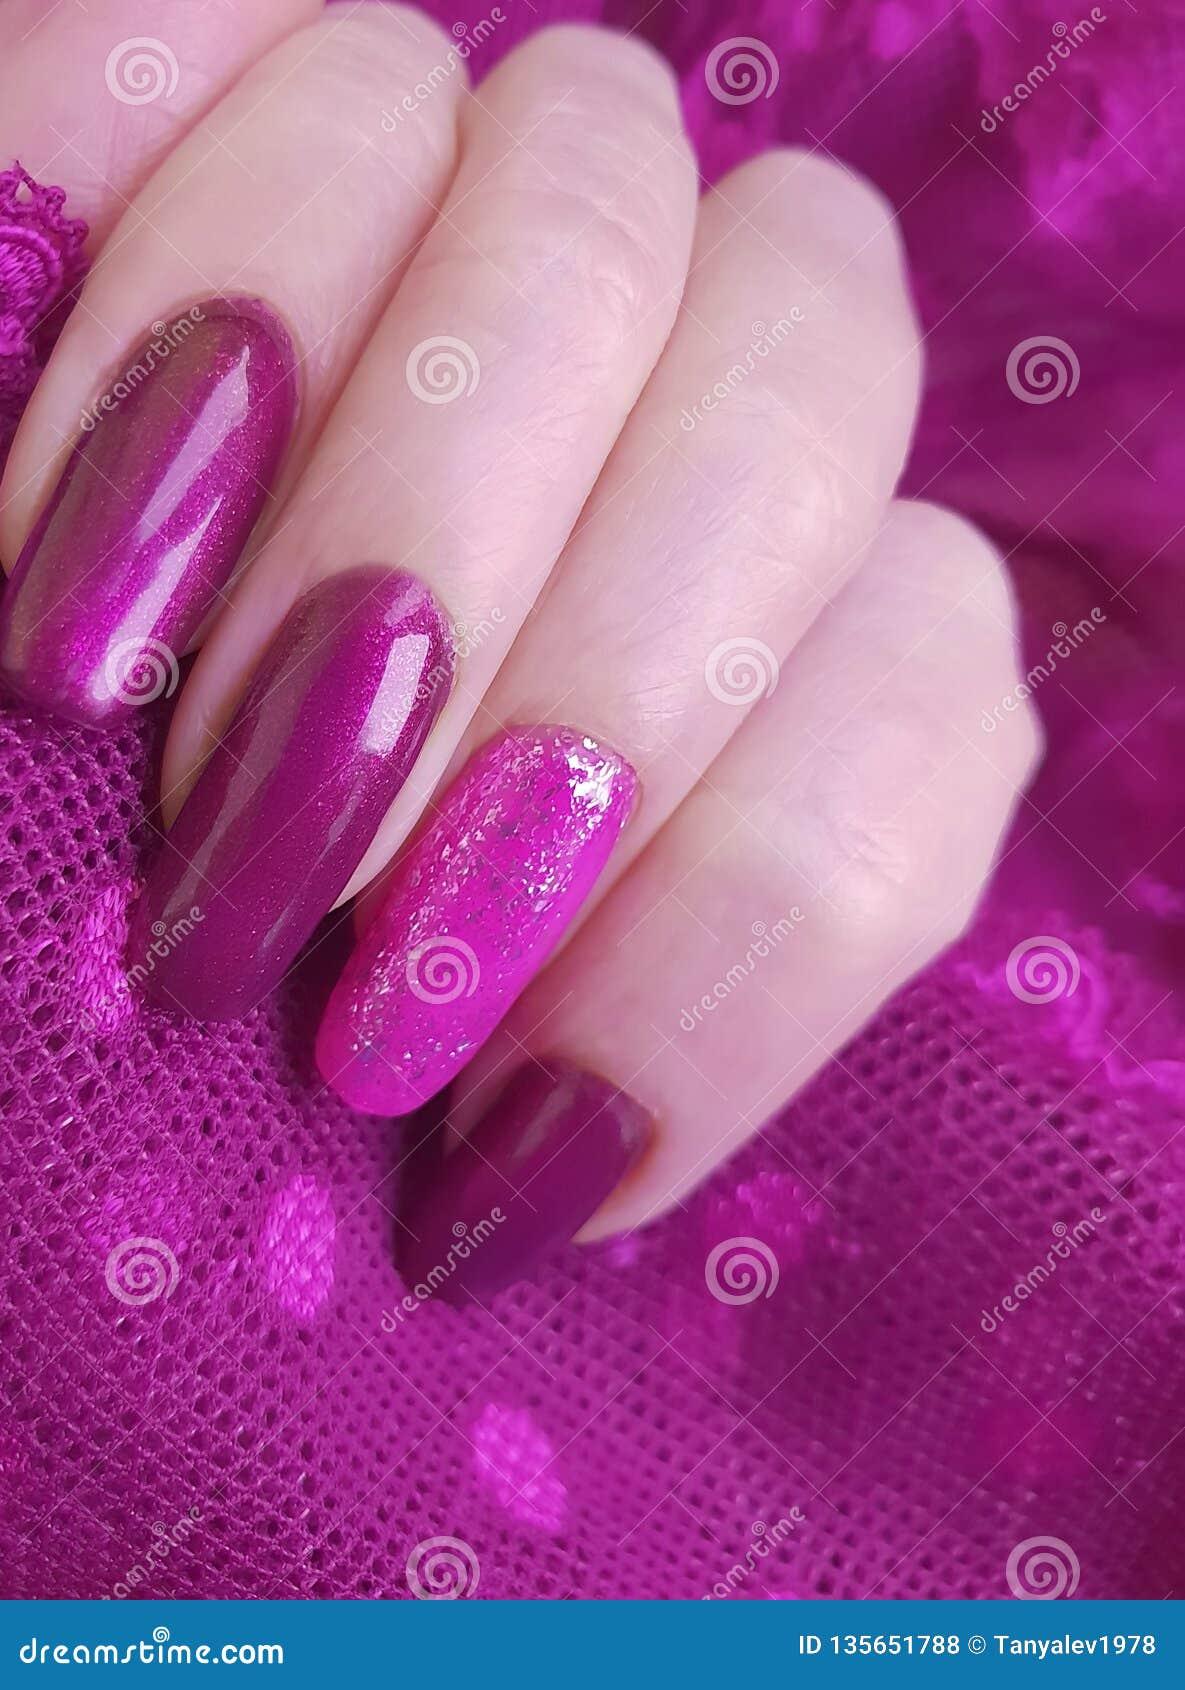 Kreative Ästhetik der weiblichen Spitzes der Handmaniküreart kreativen polnischen modernen, stilvoll, Eleganz